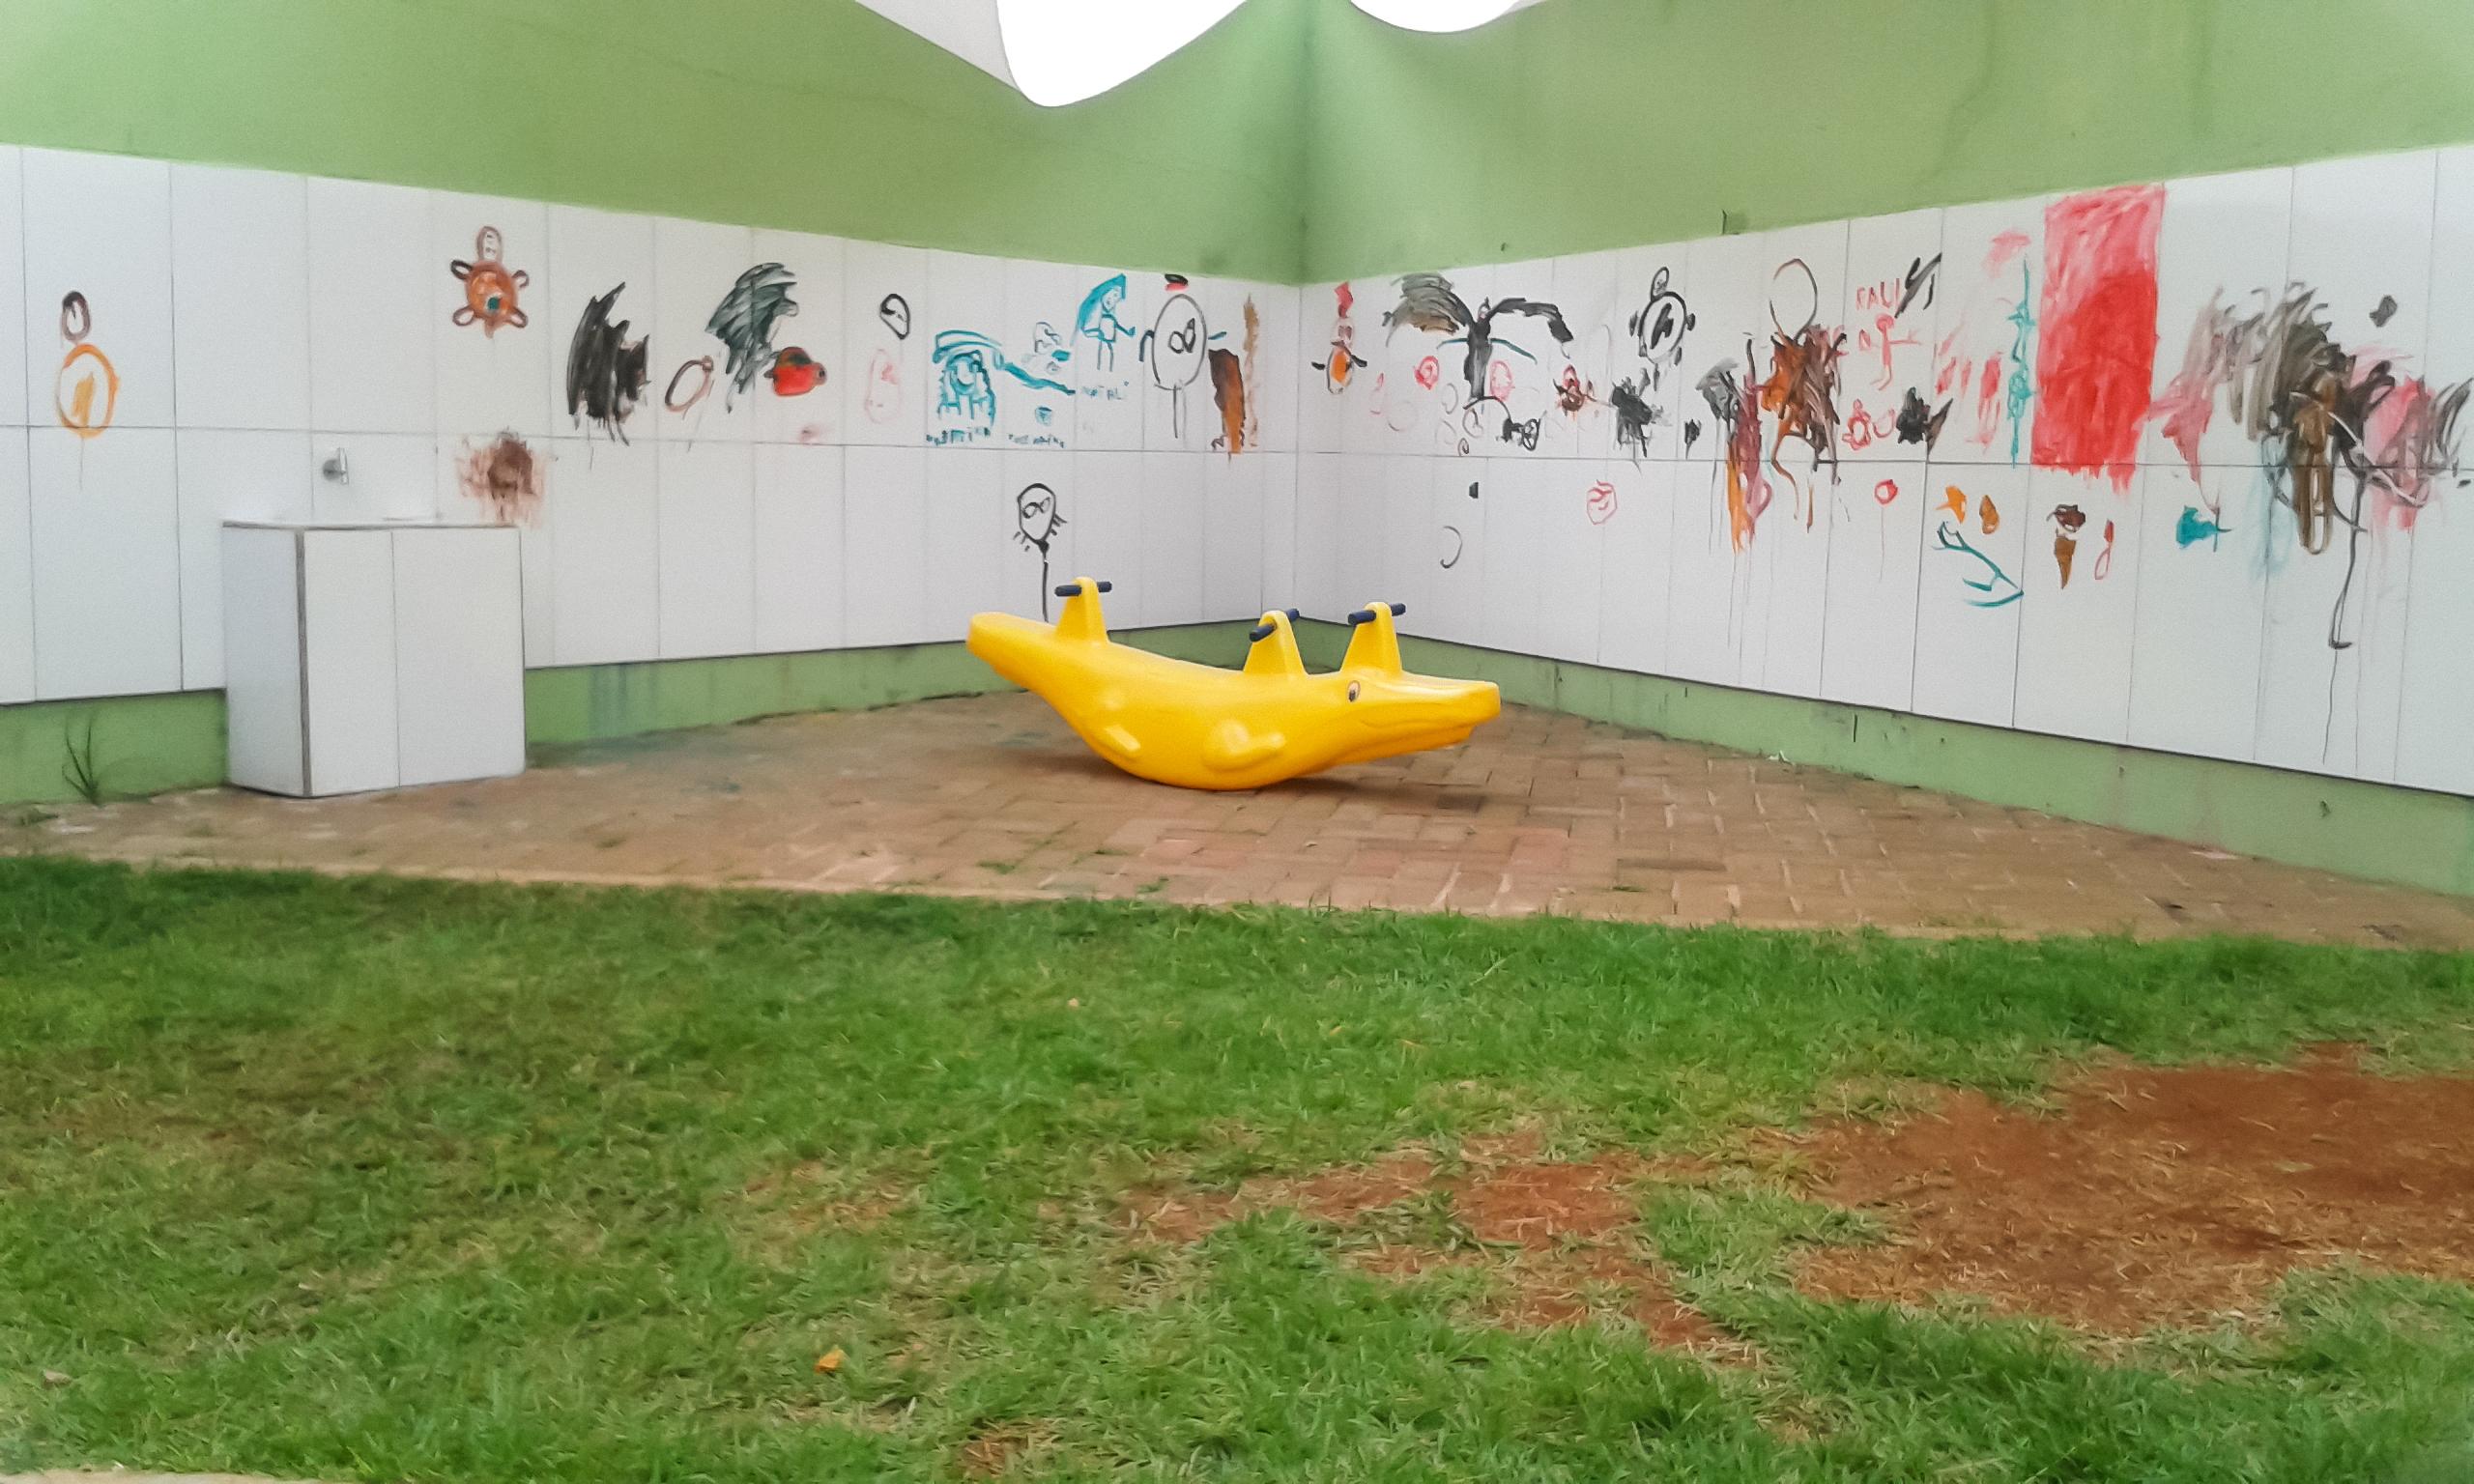 Escola_Galileo_Kids_Londrina_espaço_exclusivo_para_crianças_de_1_a_2_anos,__contendo_ampla_sala_de_e